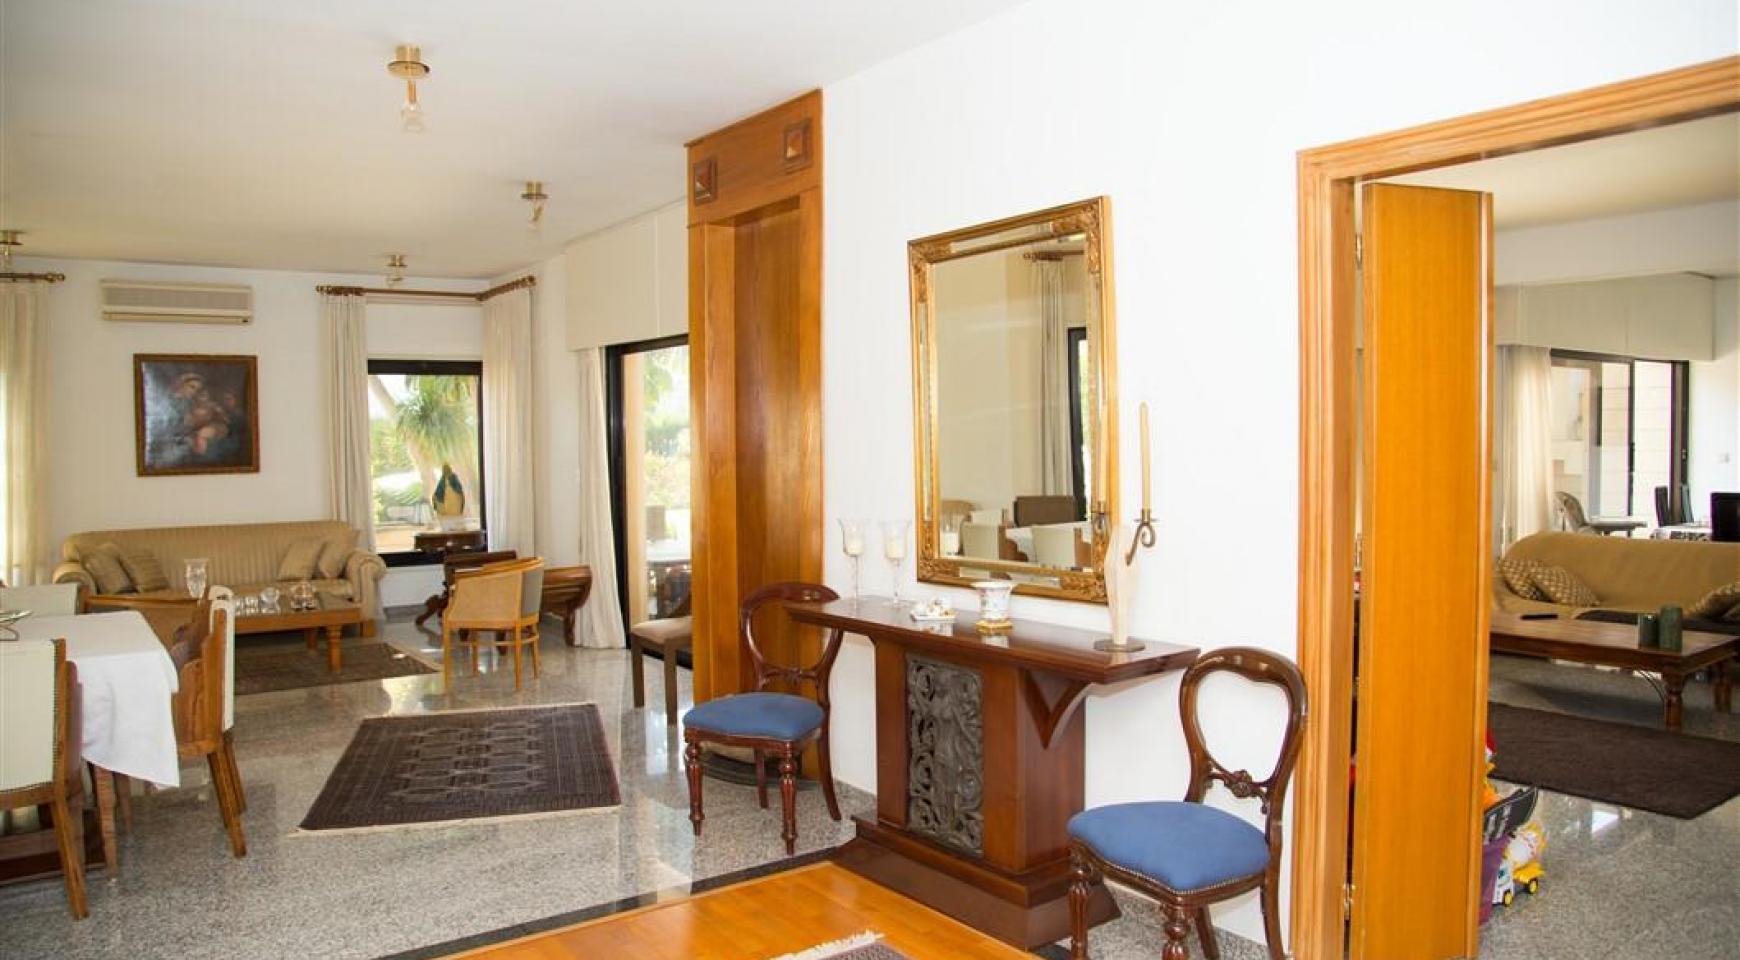 4 Bedroom Villa in Germasogeia Area - 12